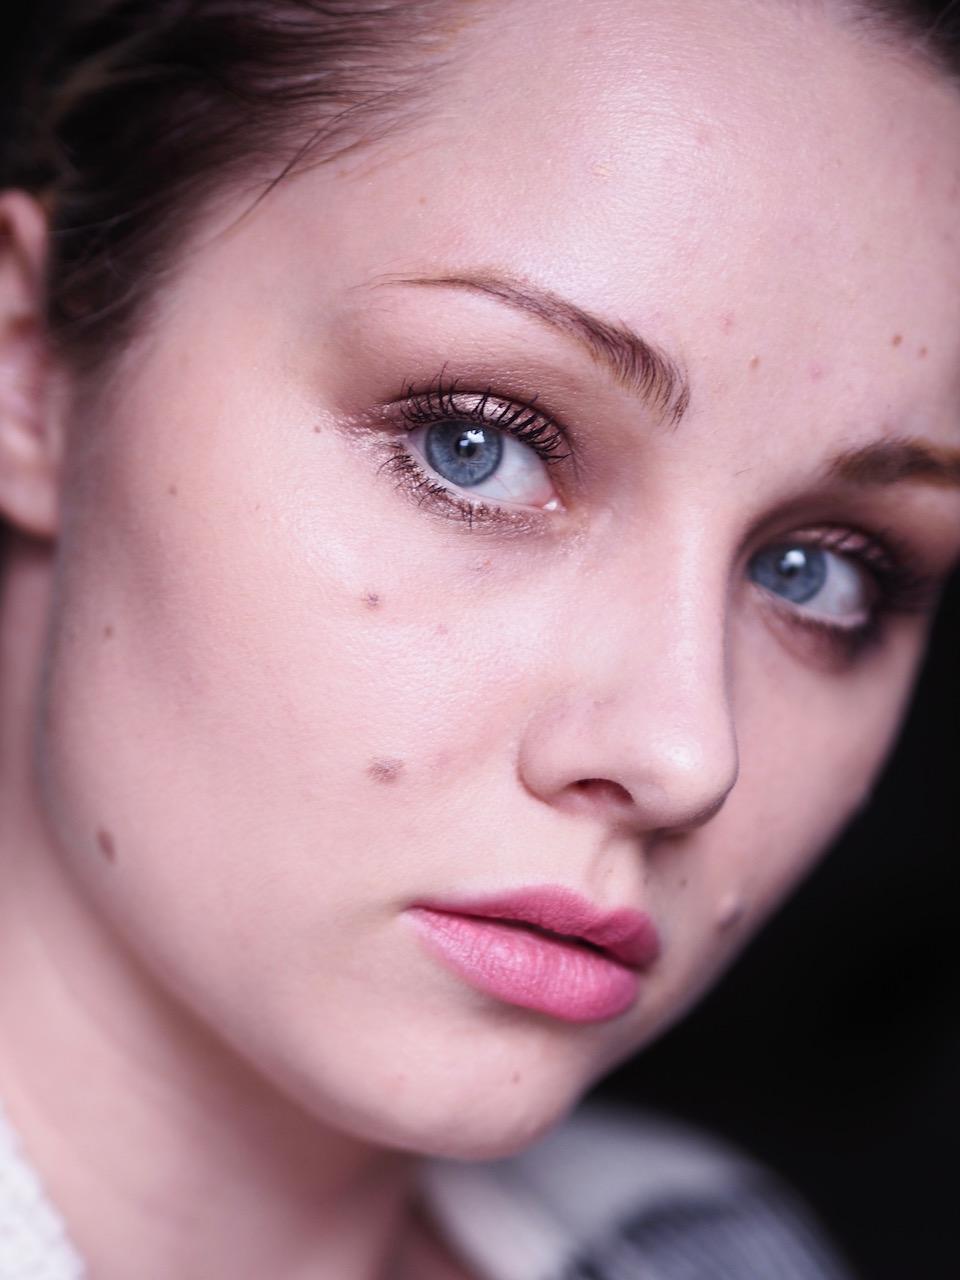 Tavallinen meikki ja tyhjä pää